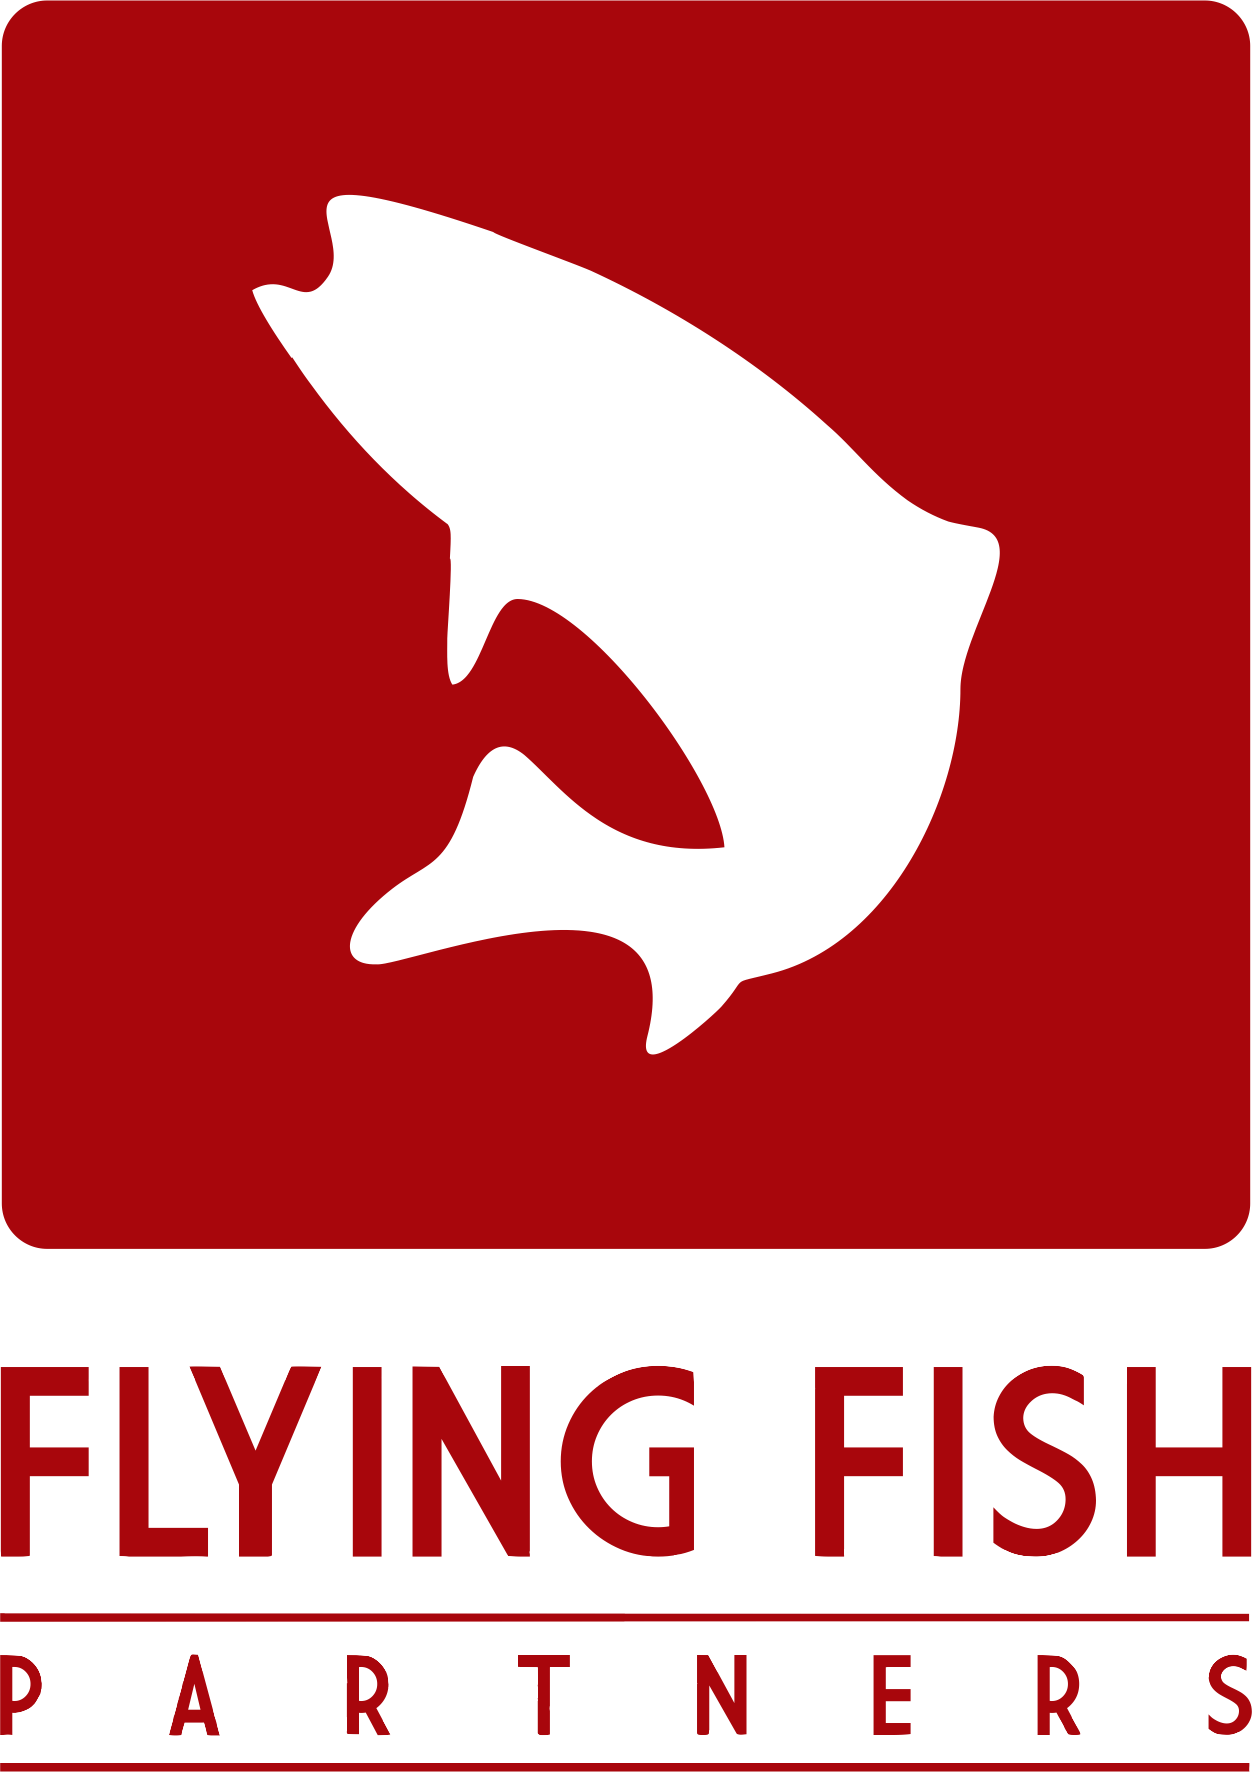 FlyingFish